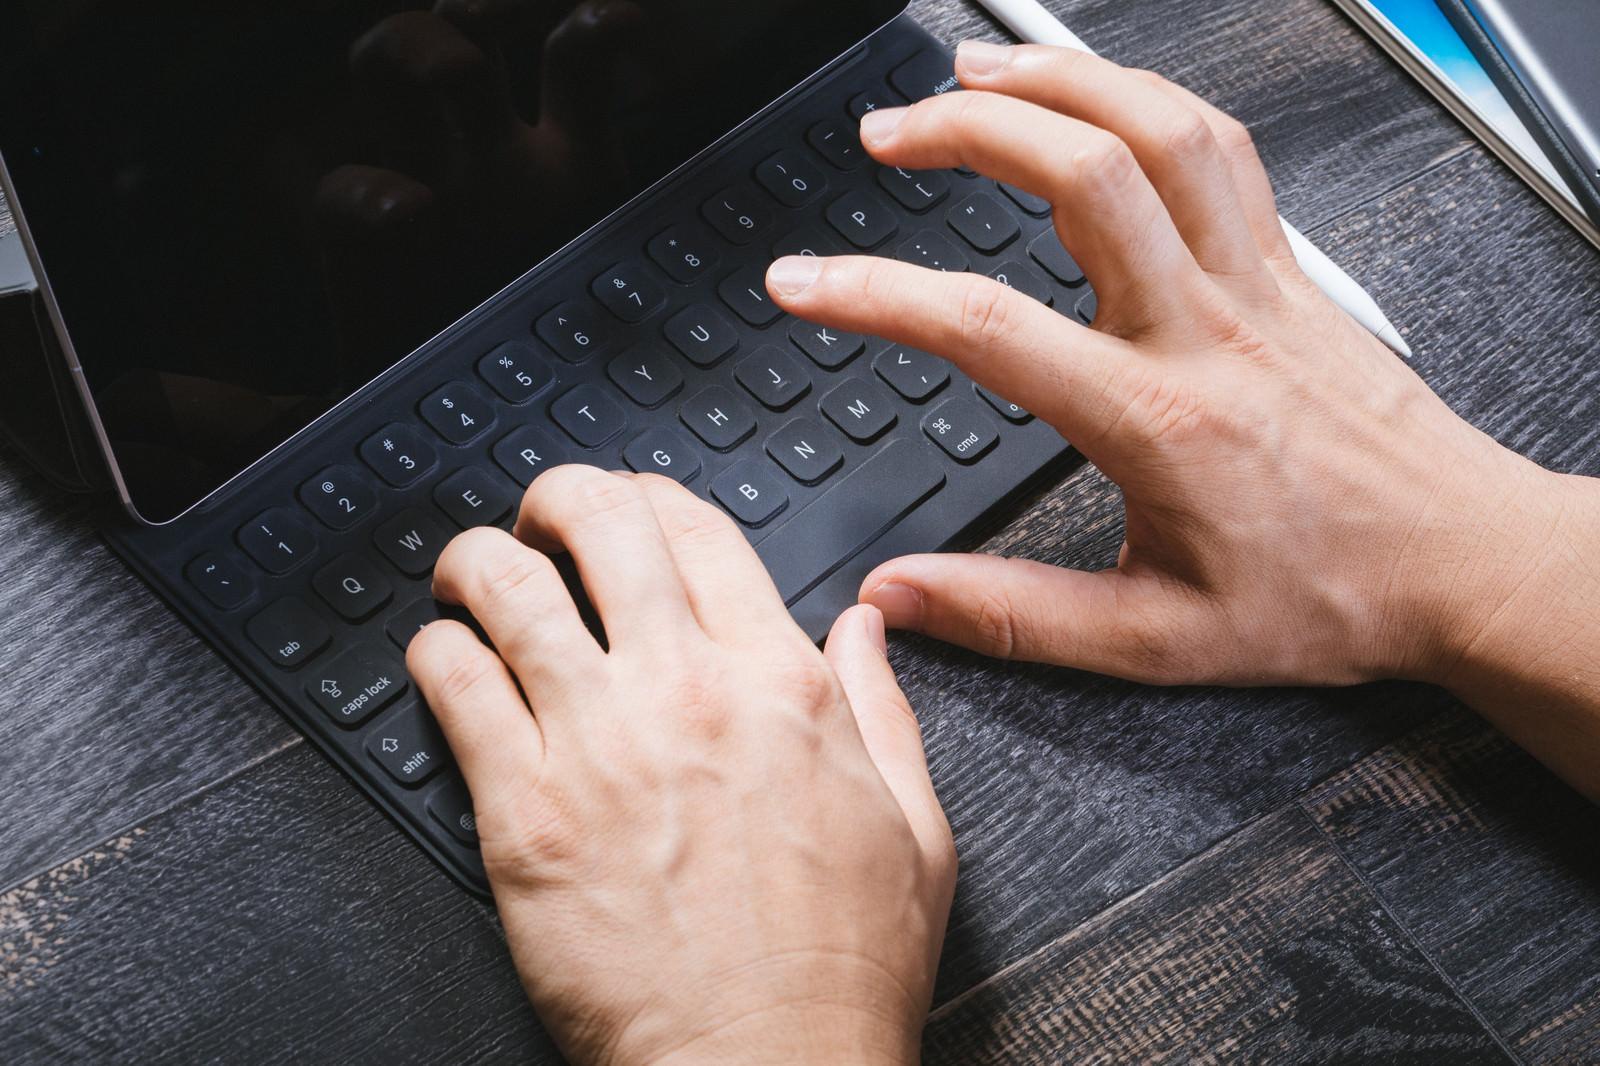 「キーボードで入力する手の動き」の写真